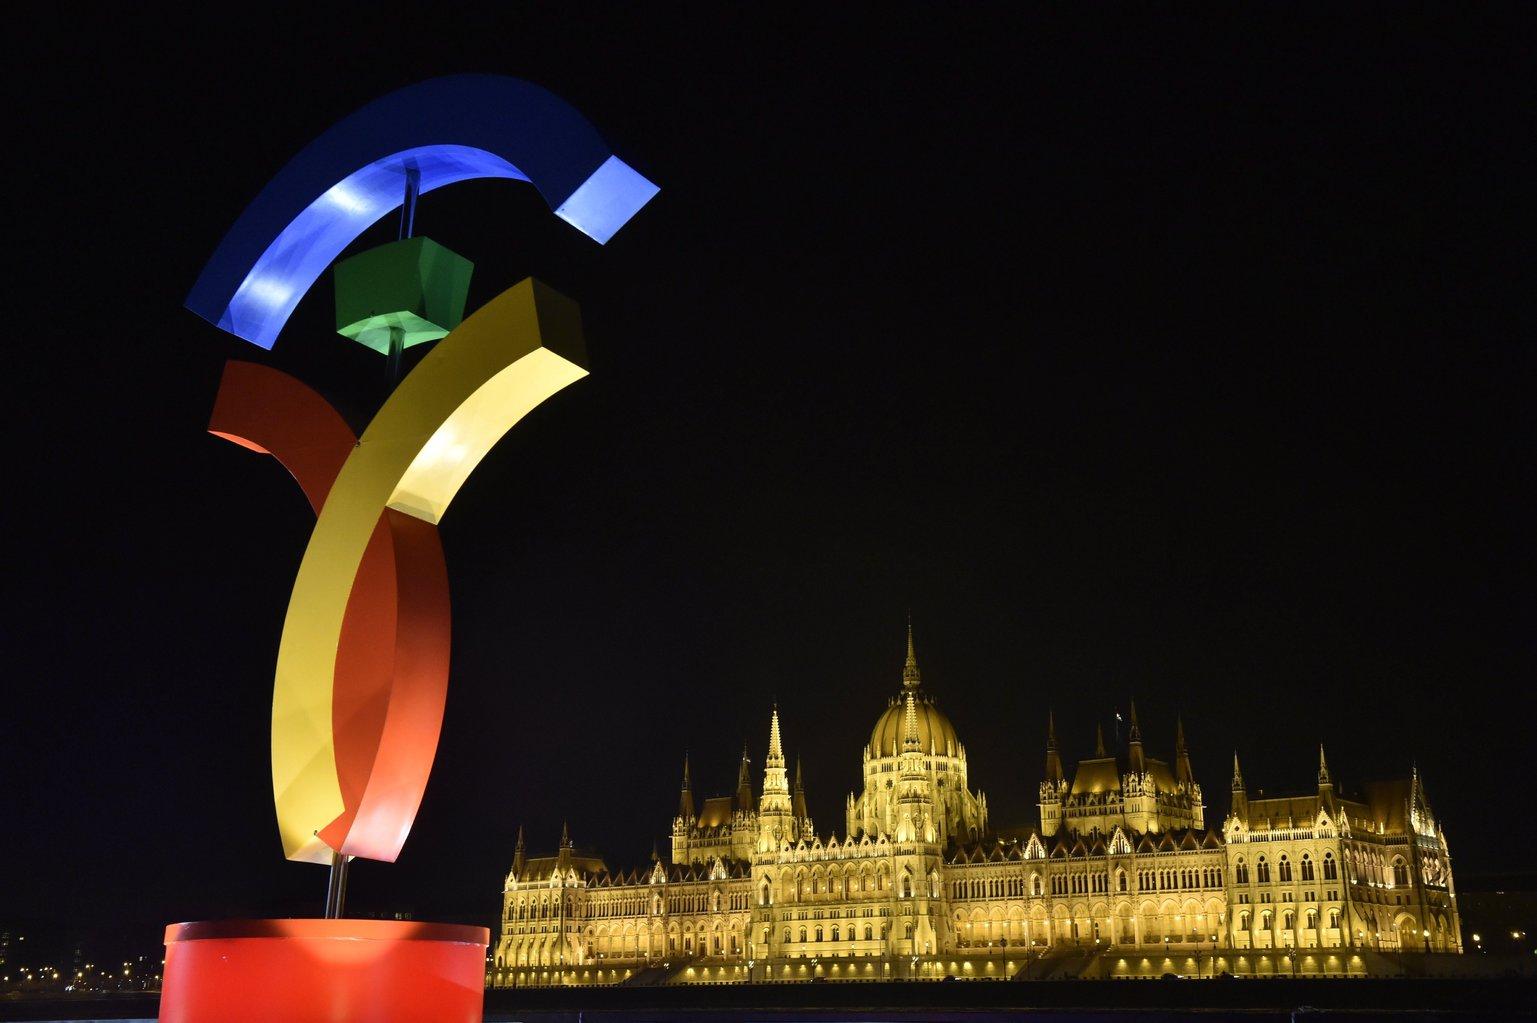 A 2024-es olimpiára és paralimpiára kandidáló Budapest pályázati emblémája Budapesten, a Batthyány téren 2017. január 18-án. A háttérben a Parlament épülete. MTI Fotó: Máthé Zoltán